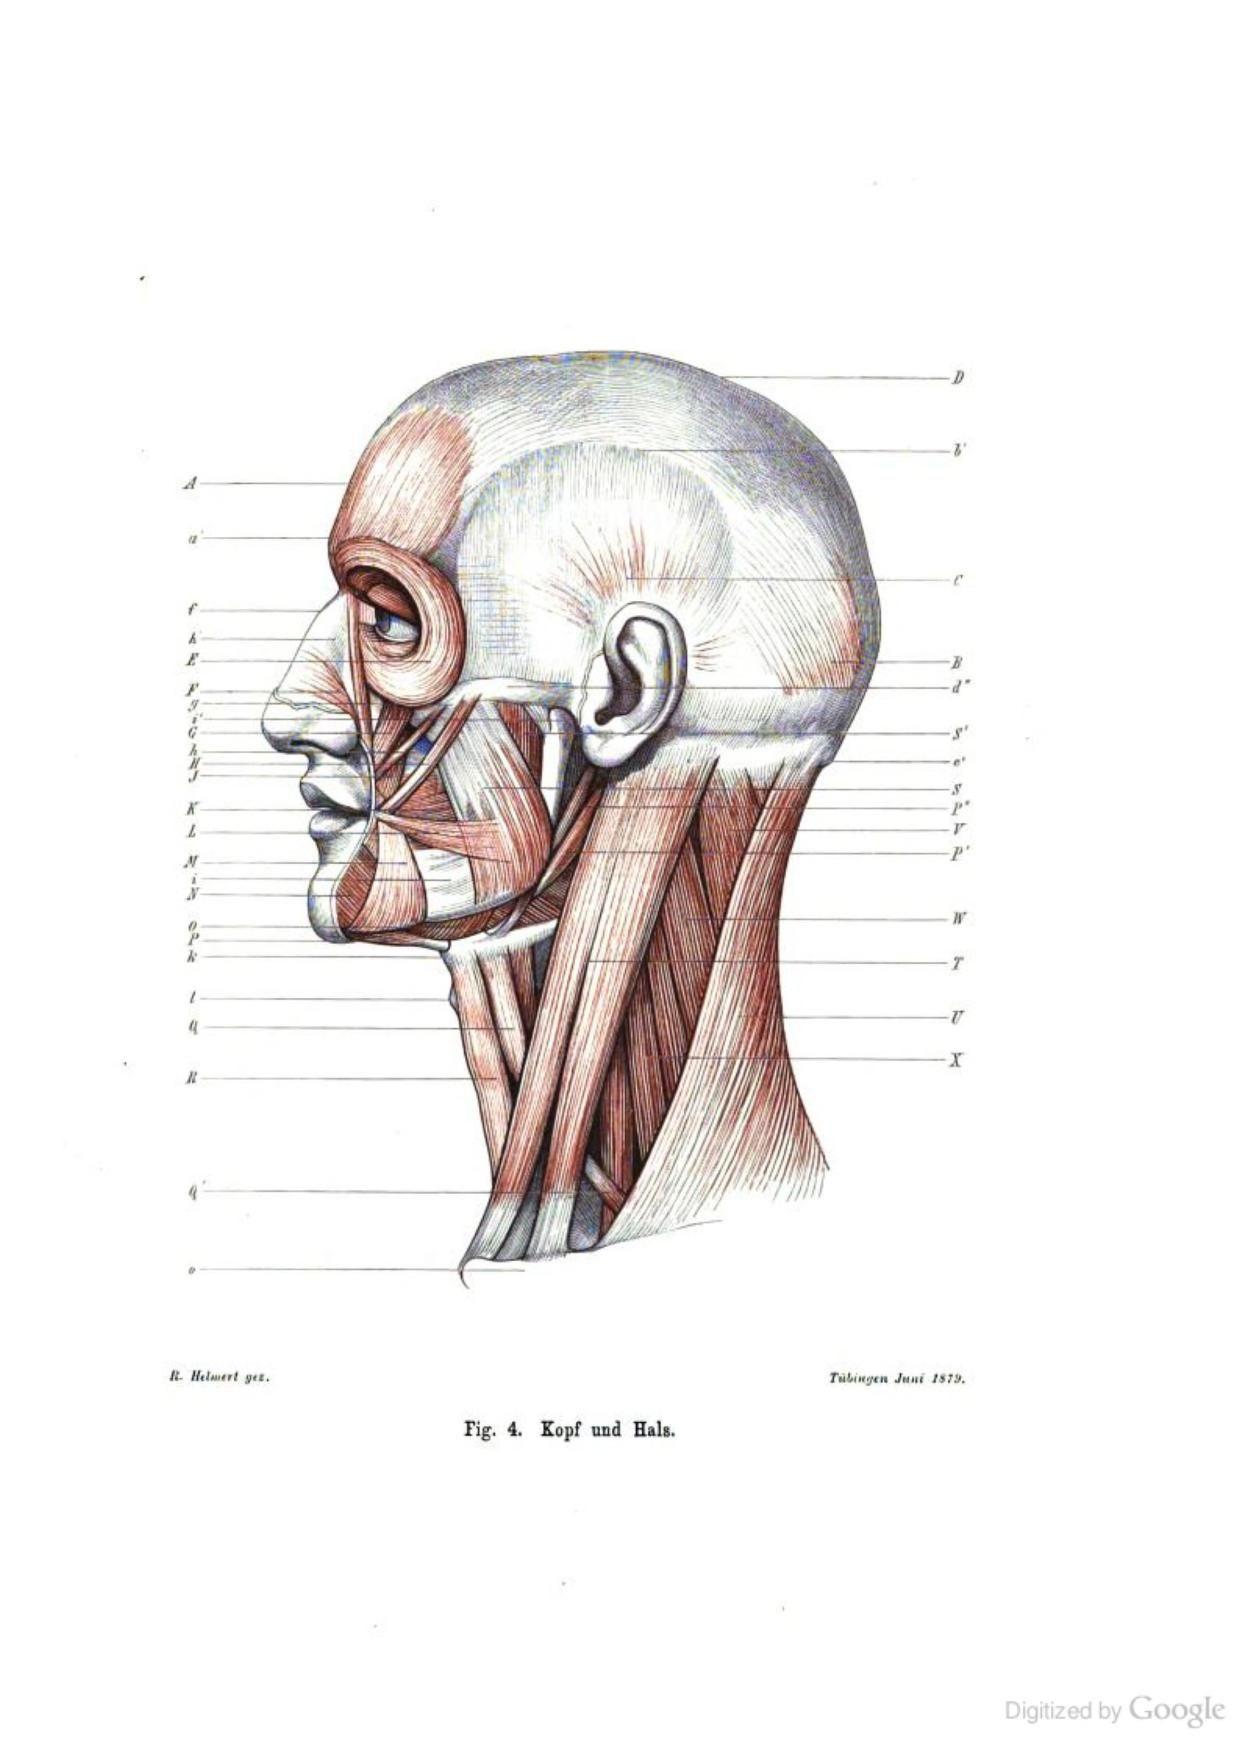 Wunderbar Anatomie Referenz Für Künstler Galerie - Anatomie Ideen ...